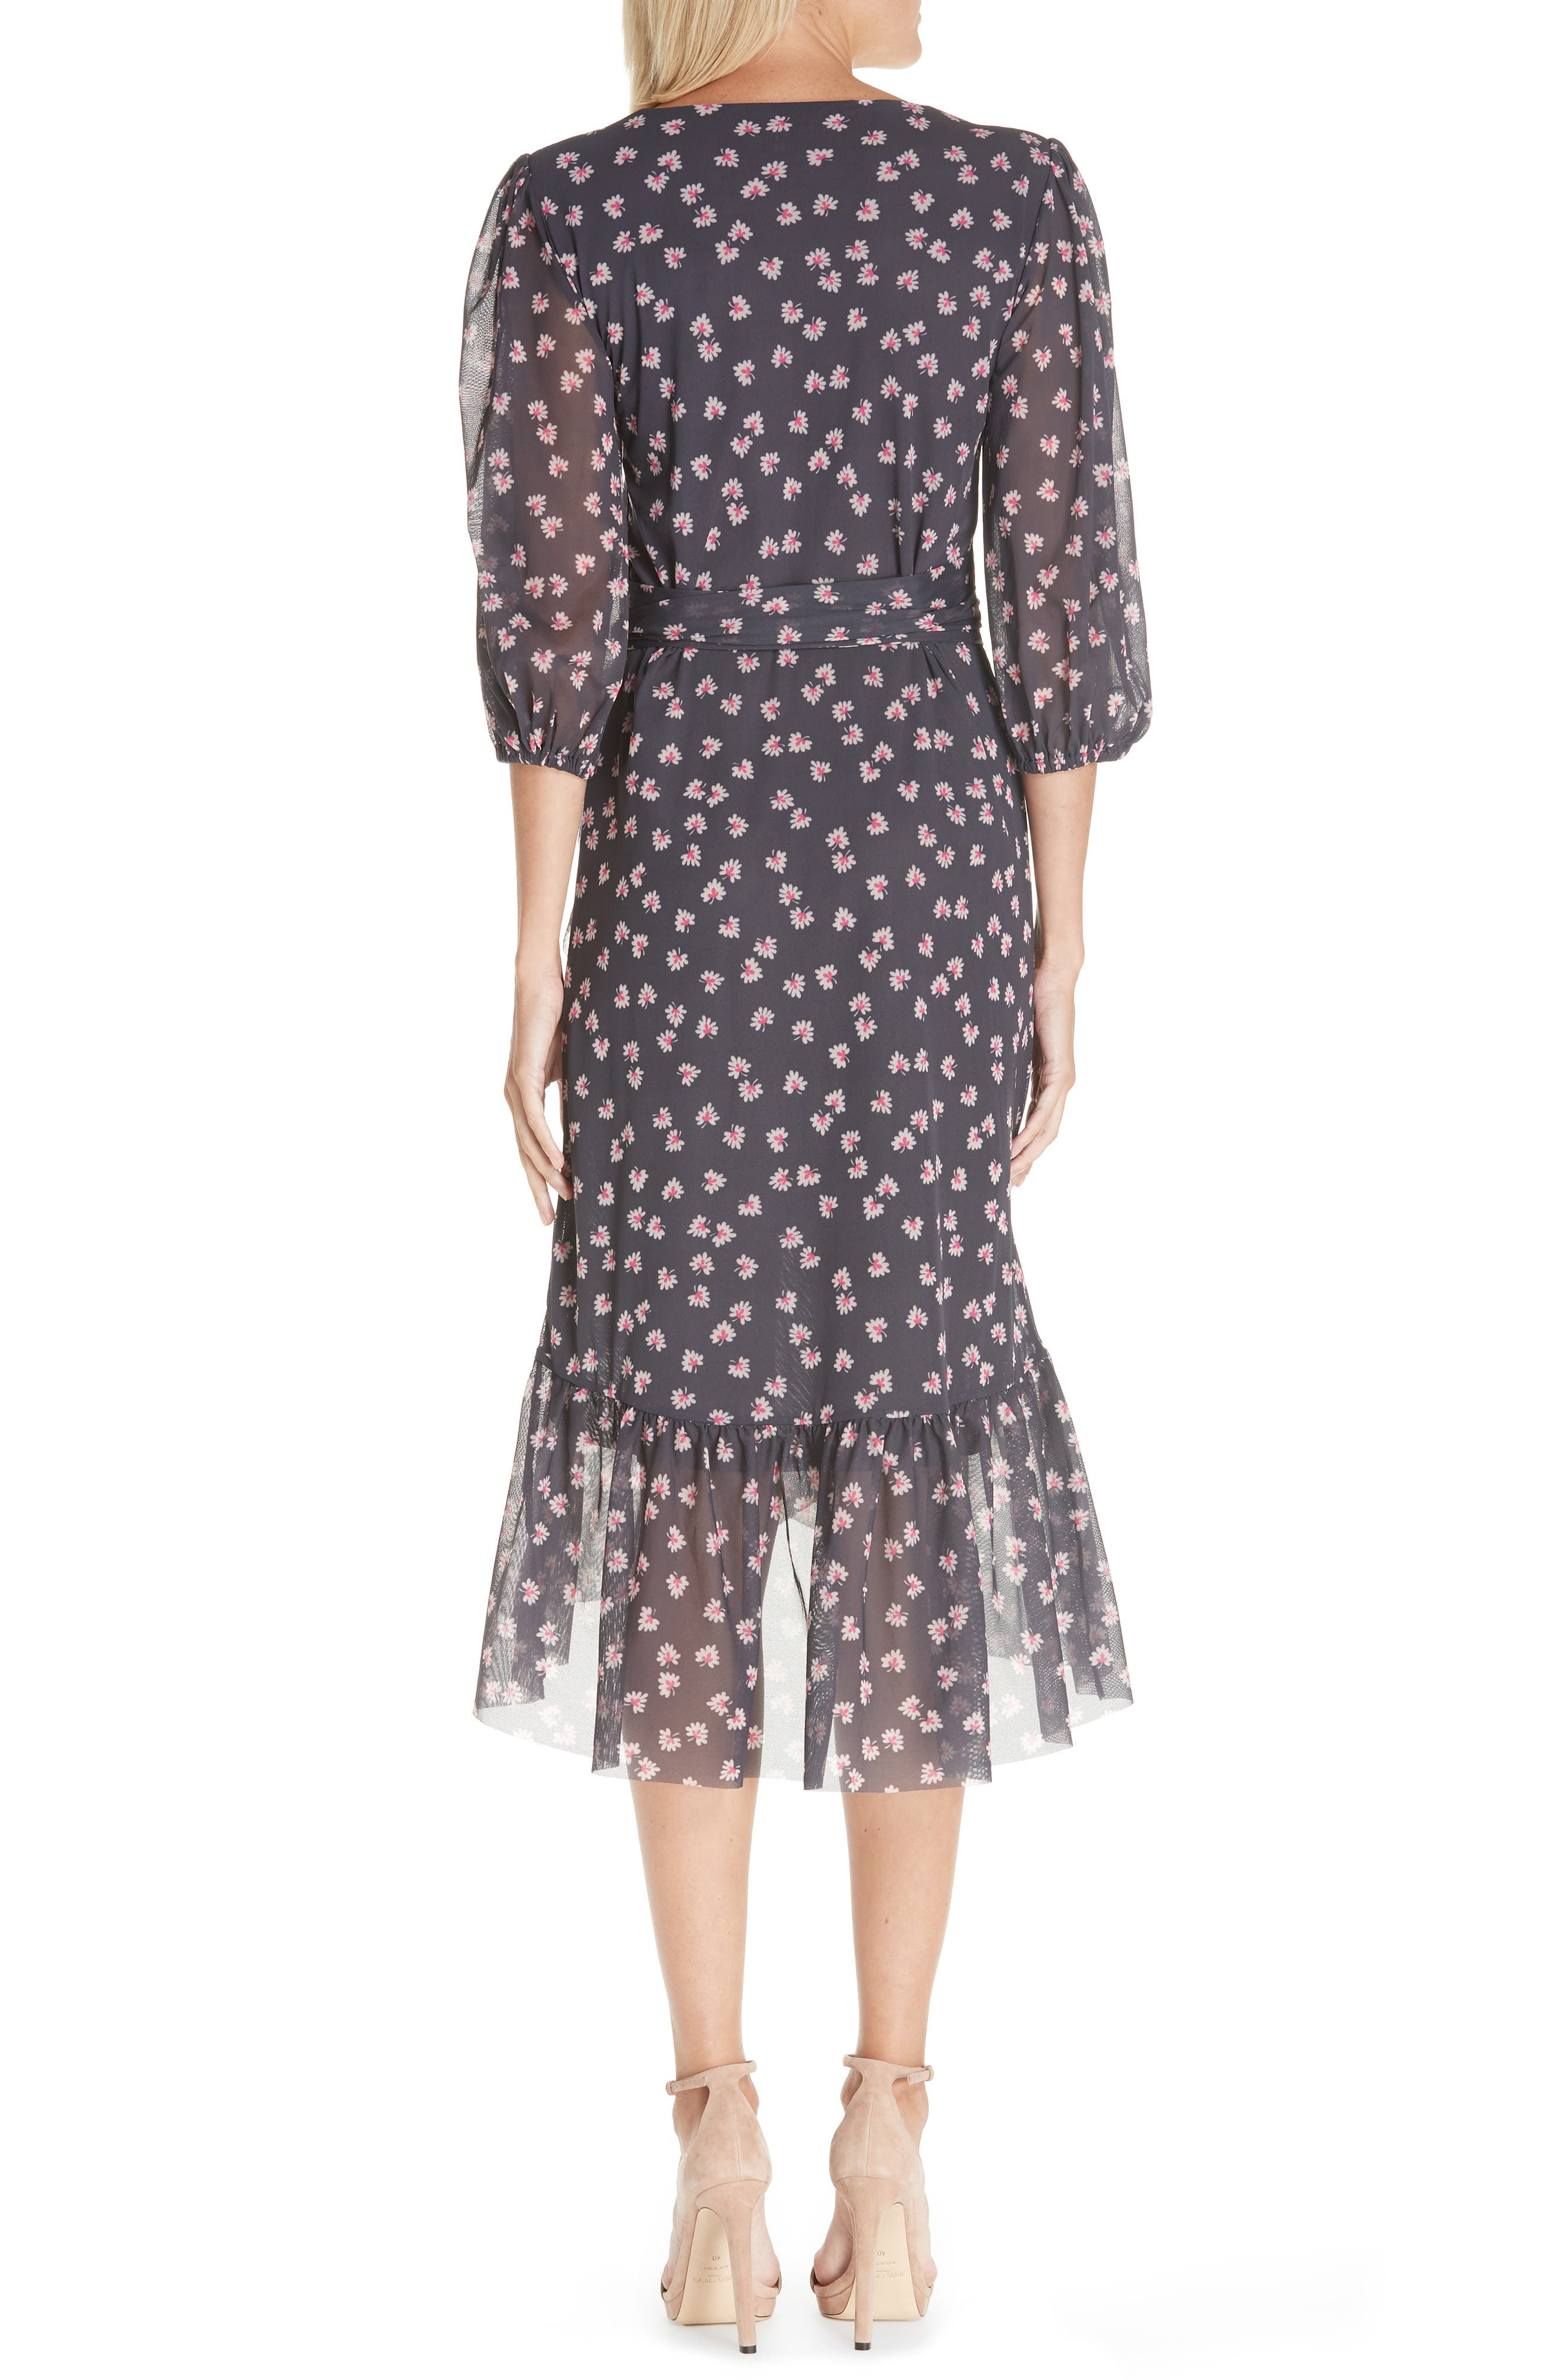 GANNI,                             Floral Print Wrap Dress,                             Alternate thumbnail 2, color,                             400